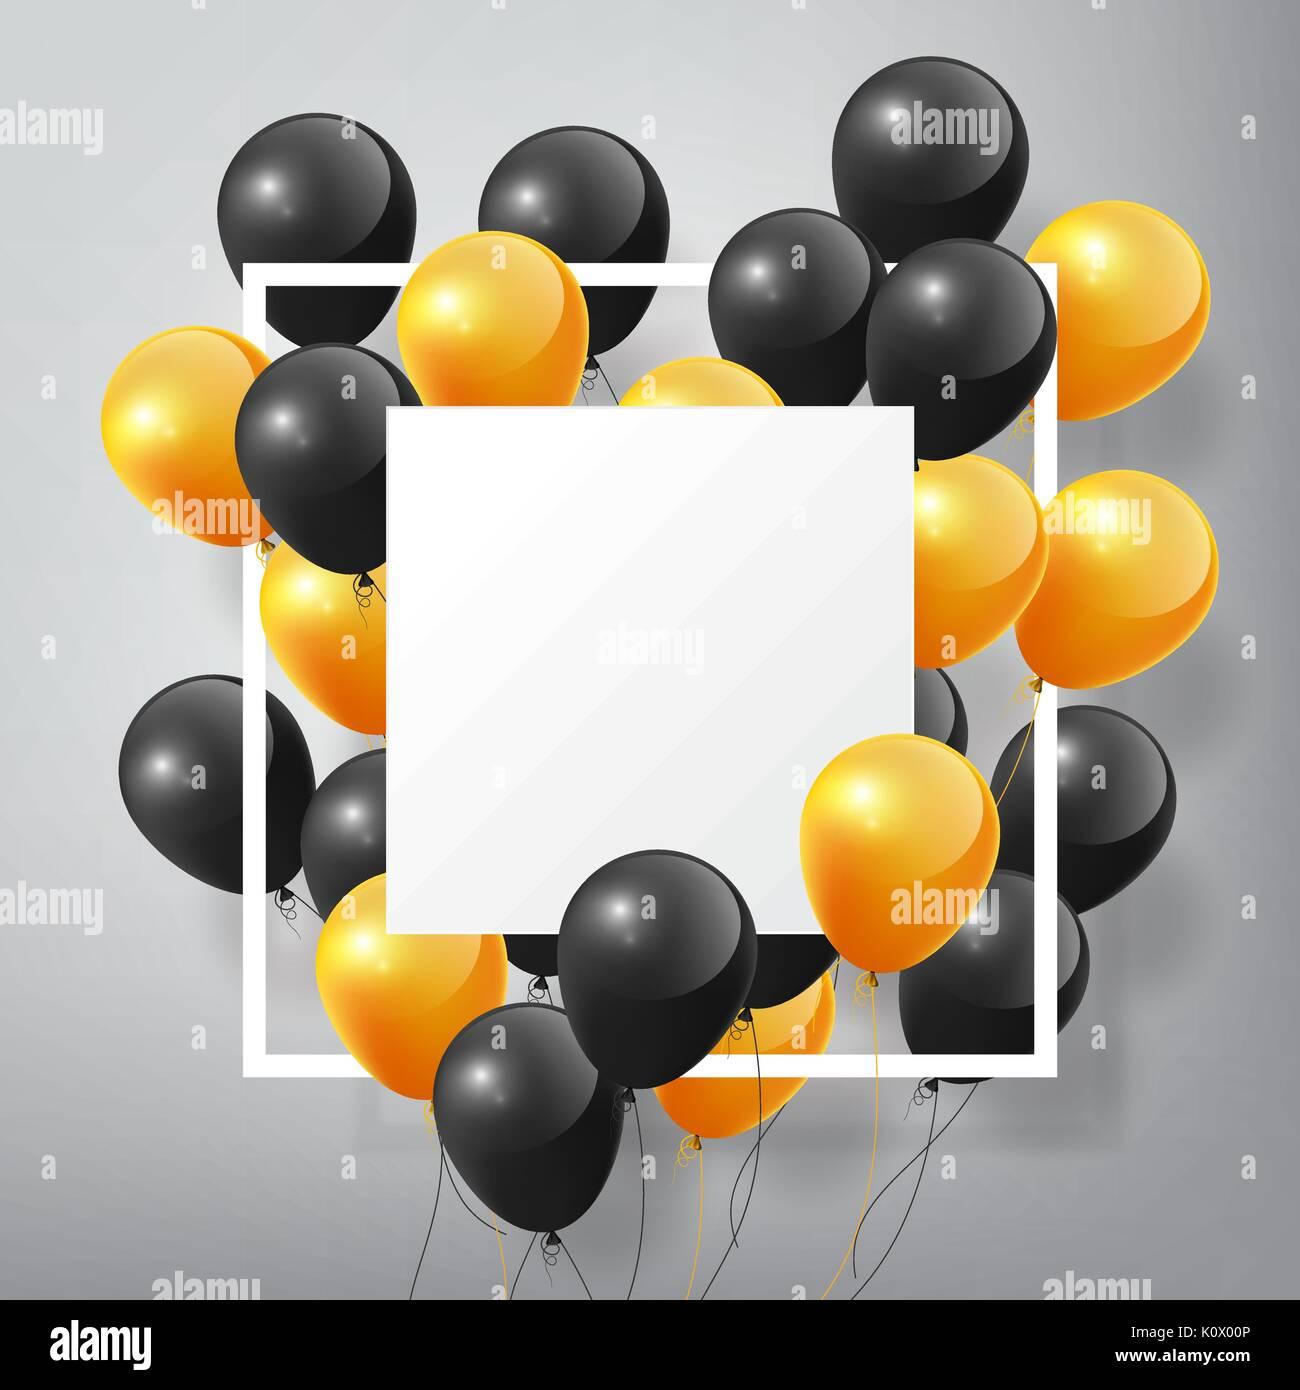 Happy Birthday Concept Black White Stock Photos & Happy Birthday ...